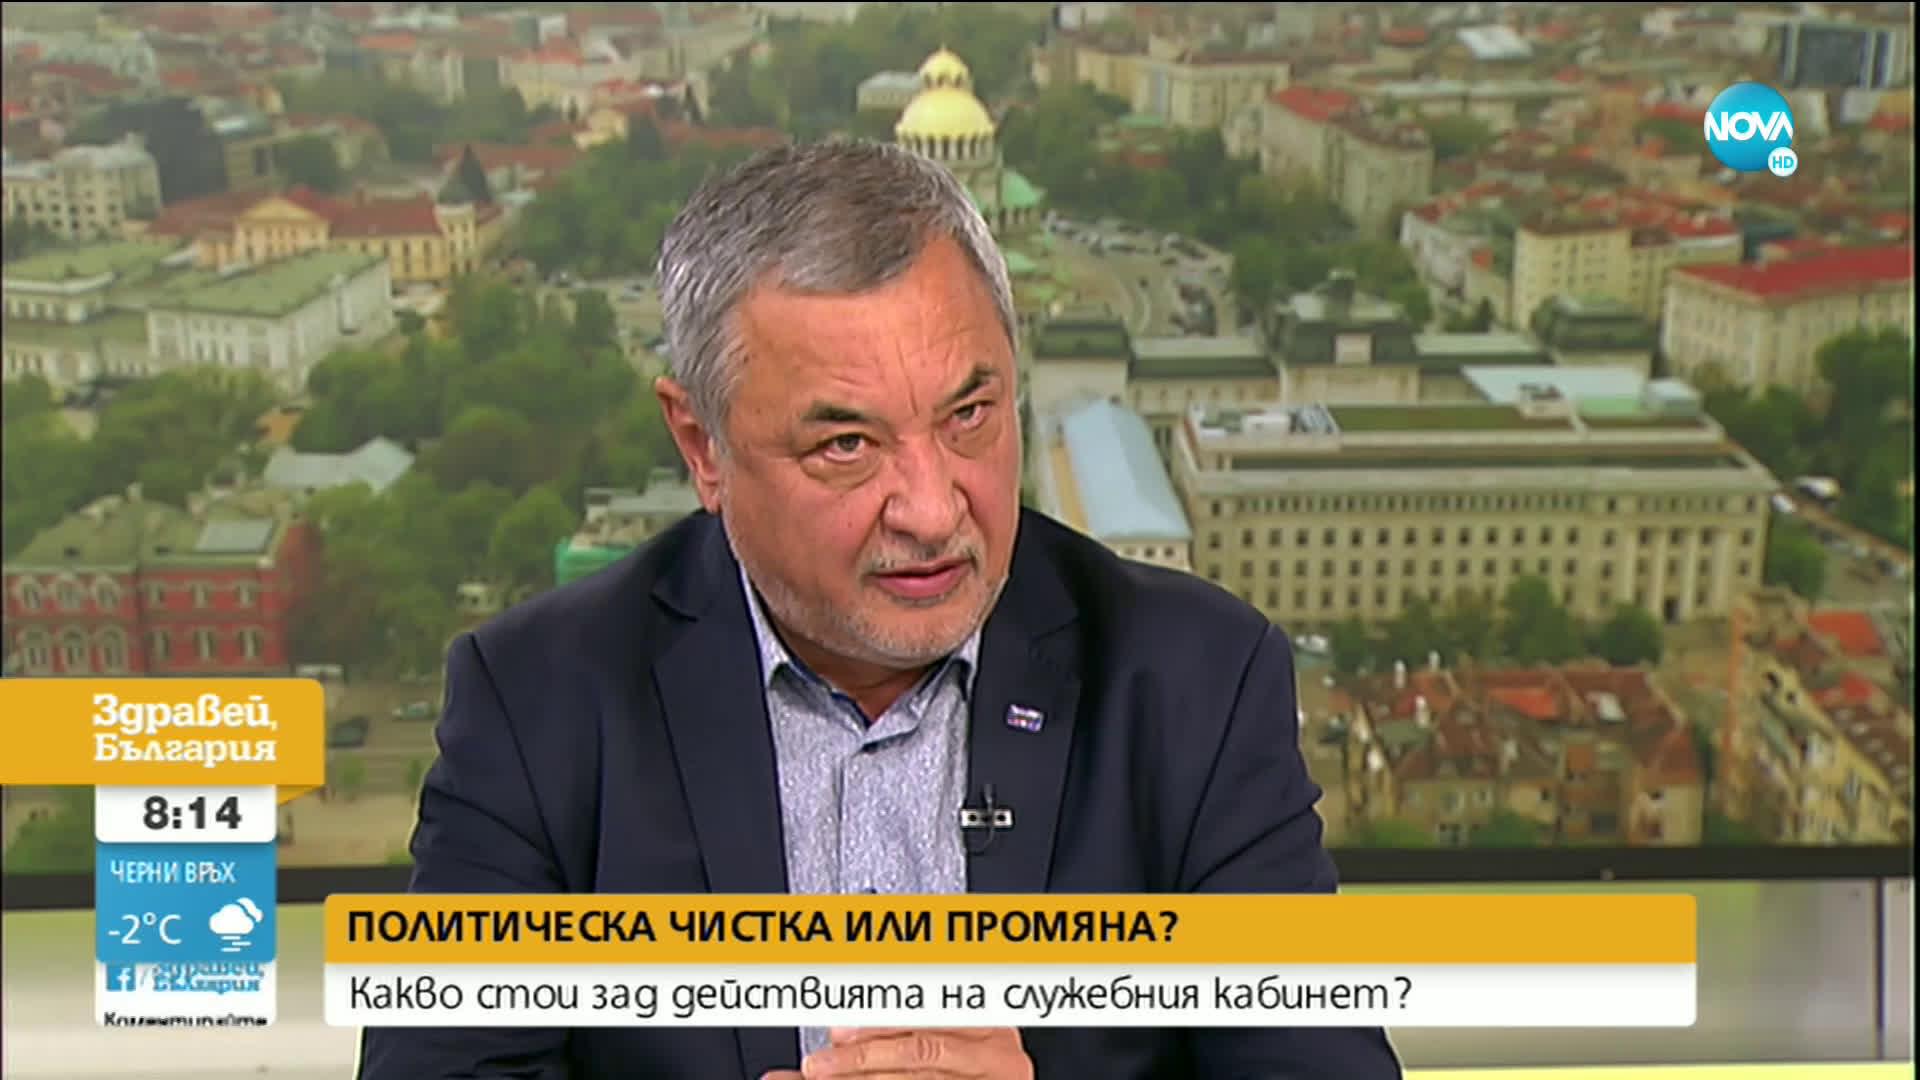 Валери Симеонов: Следващото управление на България ще е от широка коалиция